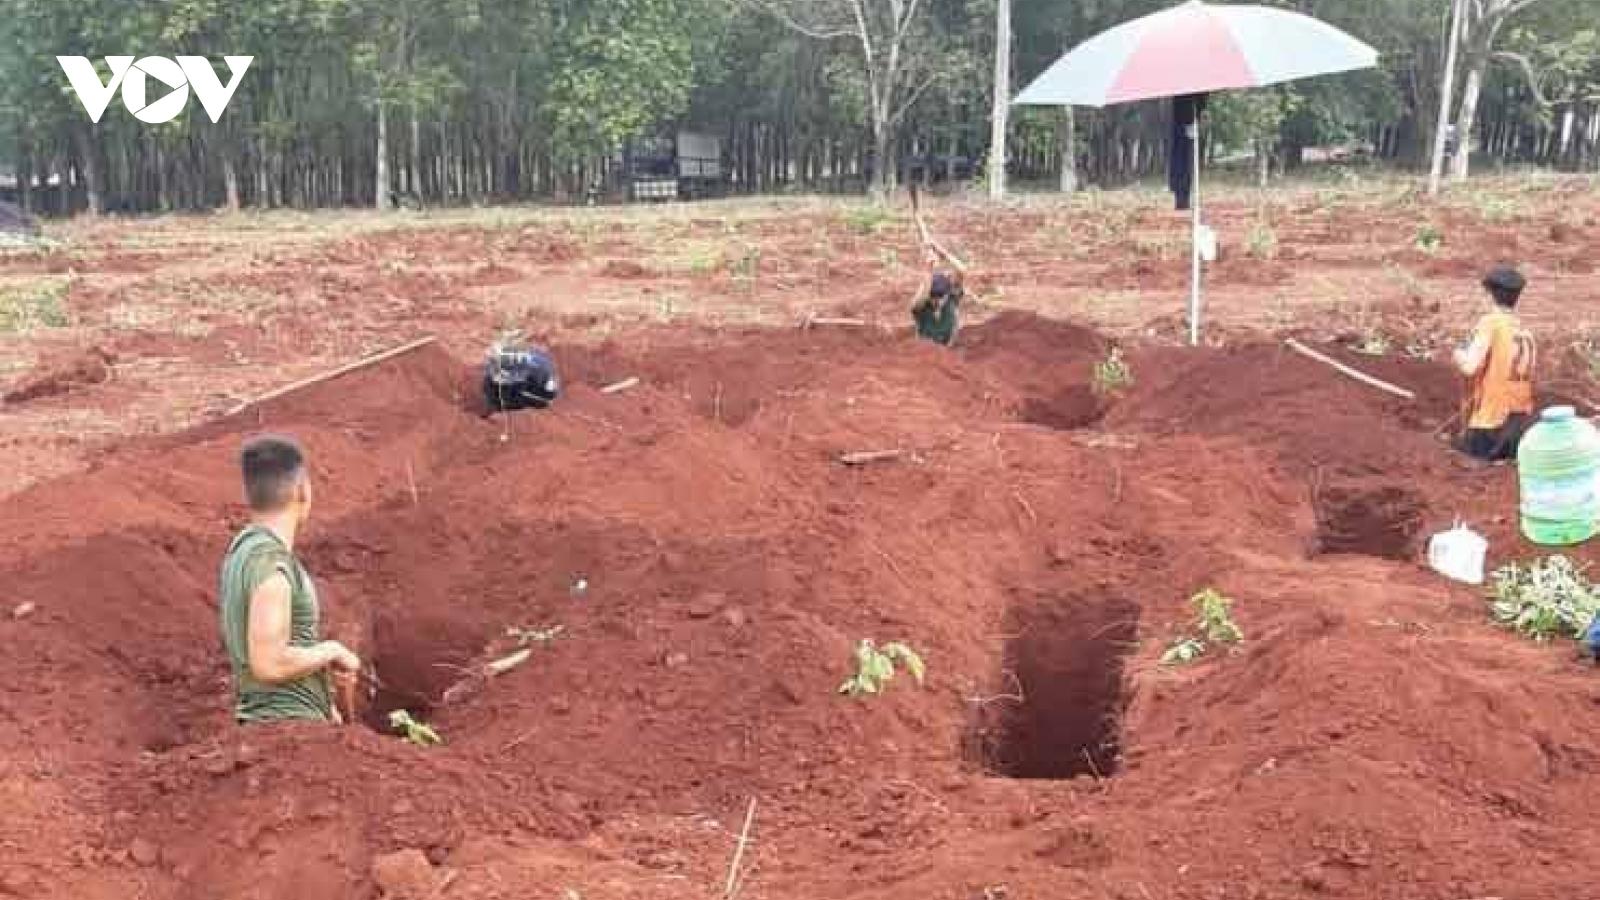 37 hài cốt liệt sĩ được tìm thấy tại Bình Phước